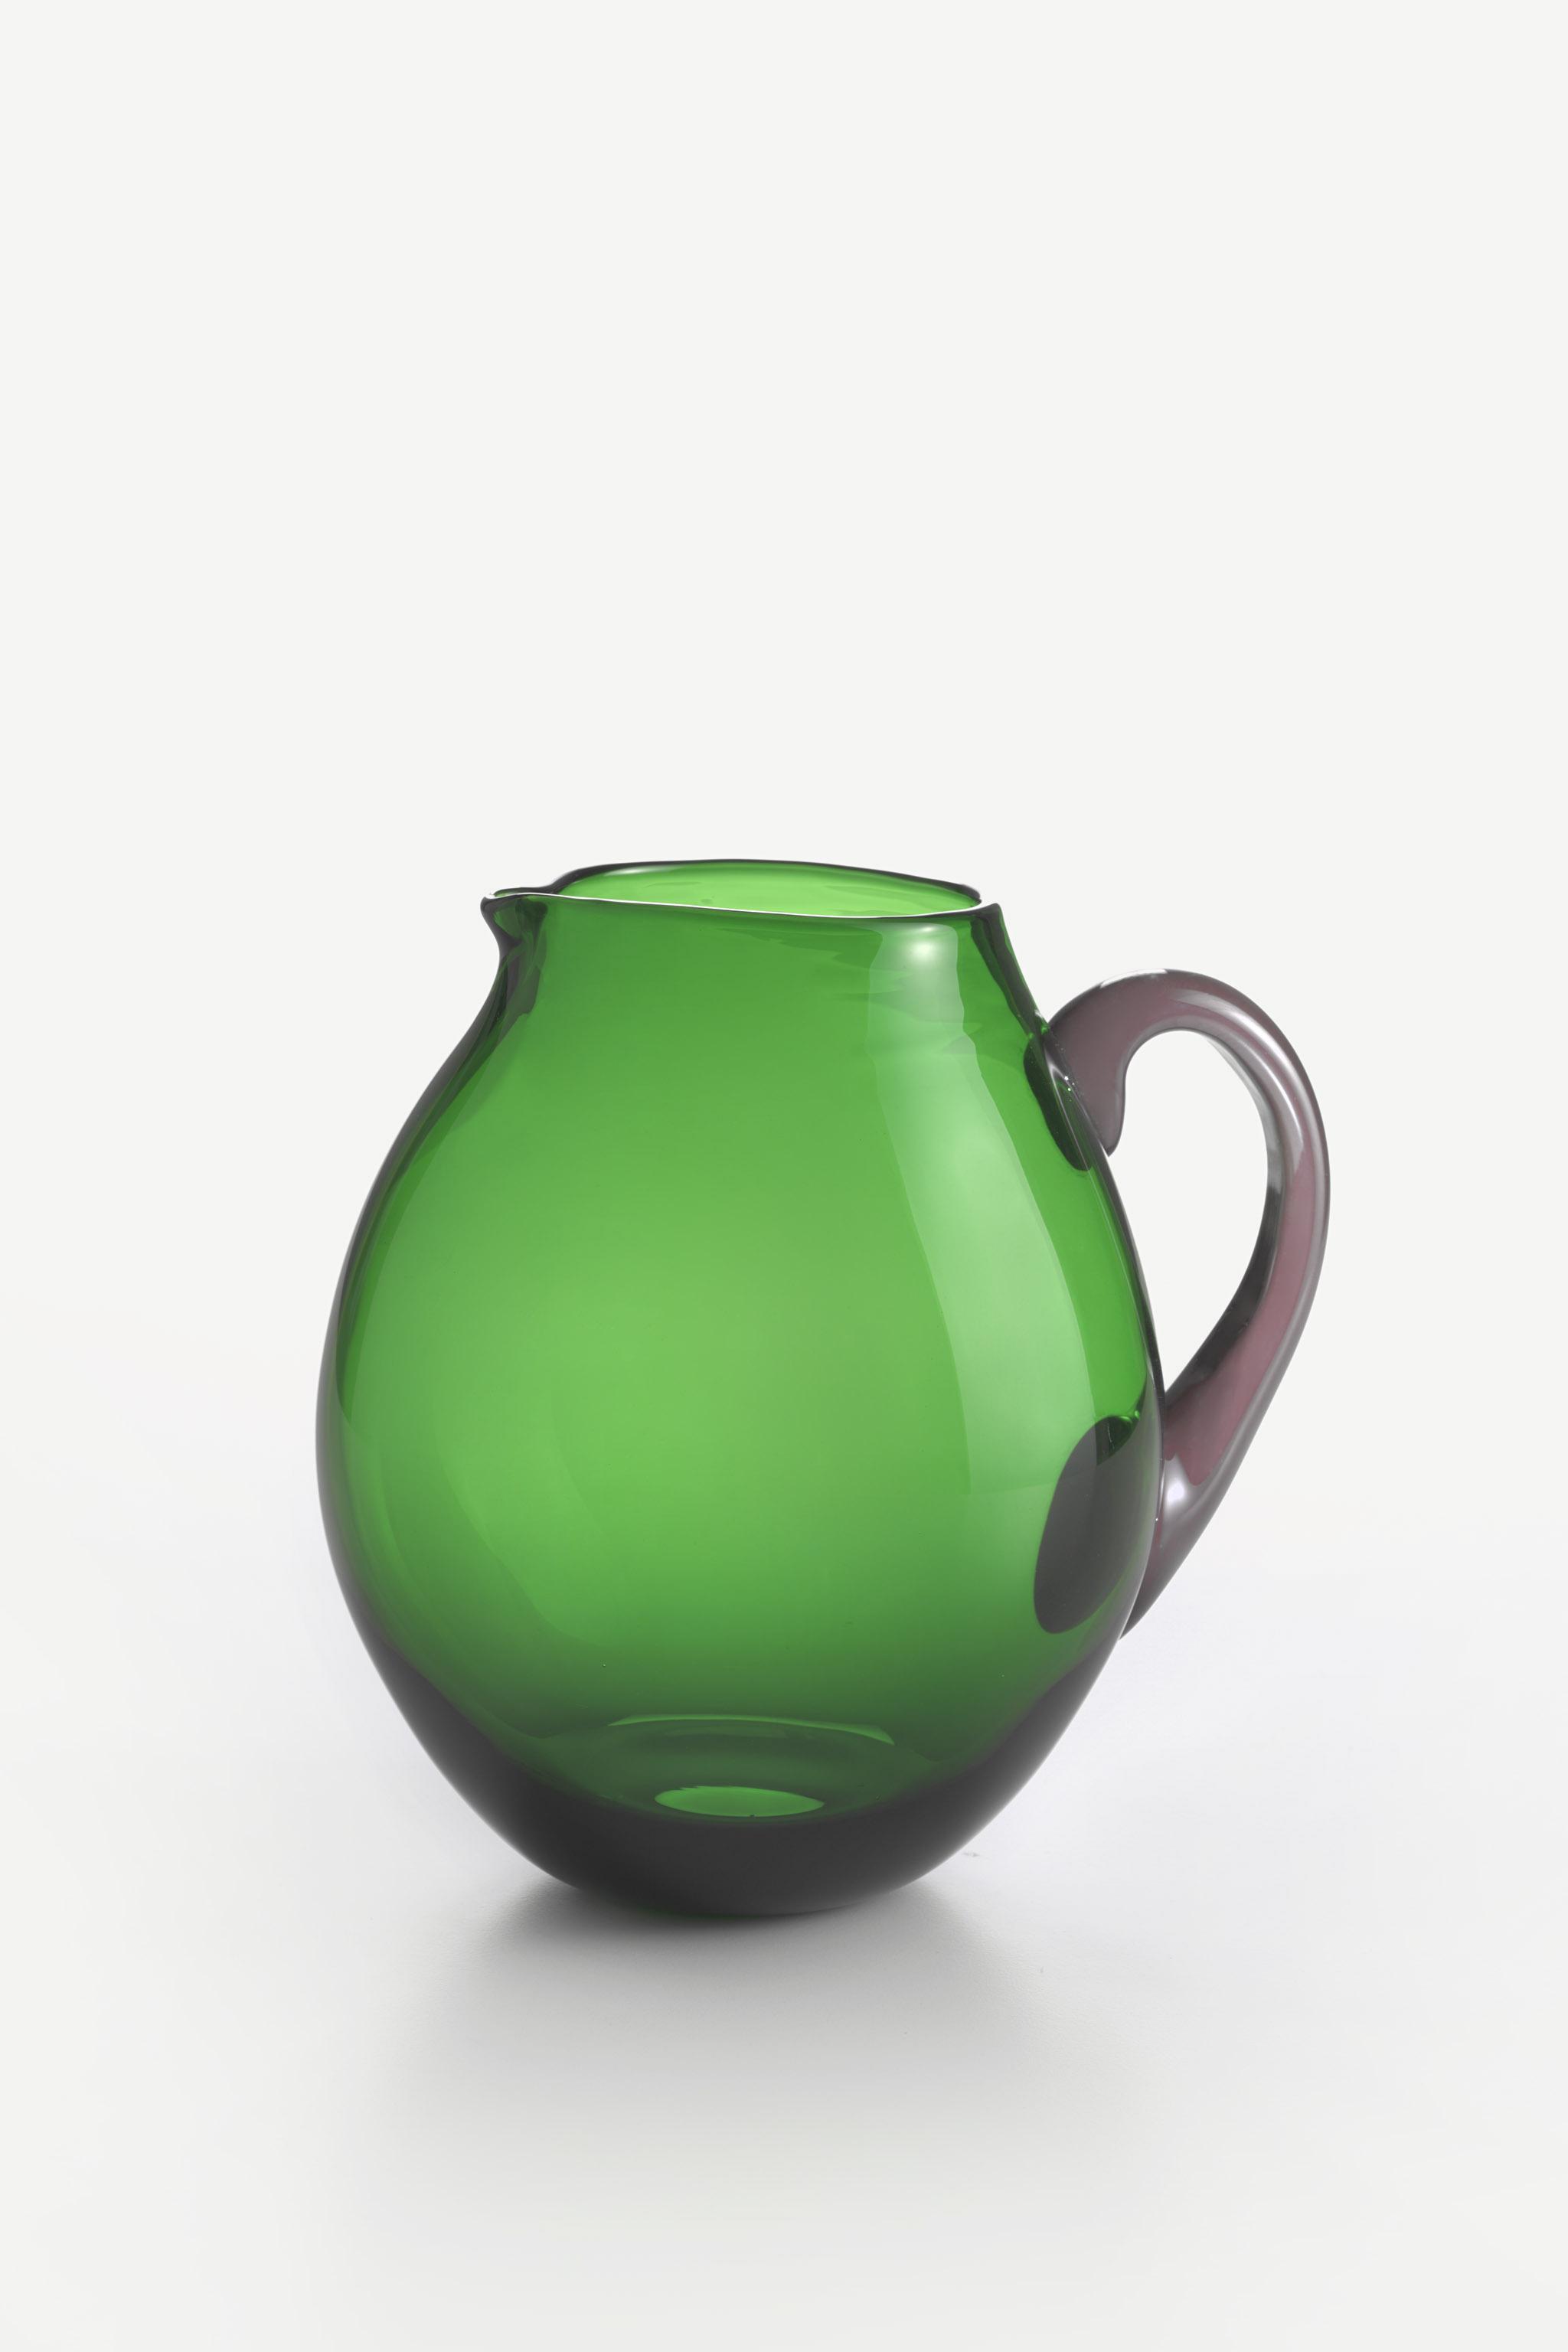 Caraffa Dandy Mirtillo Verde